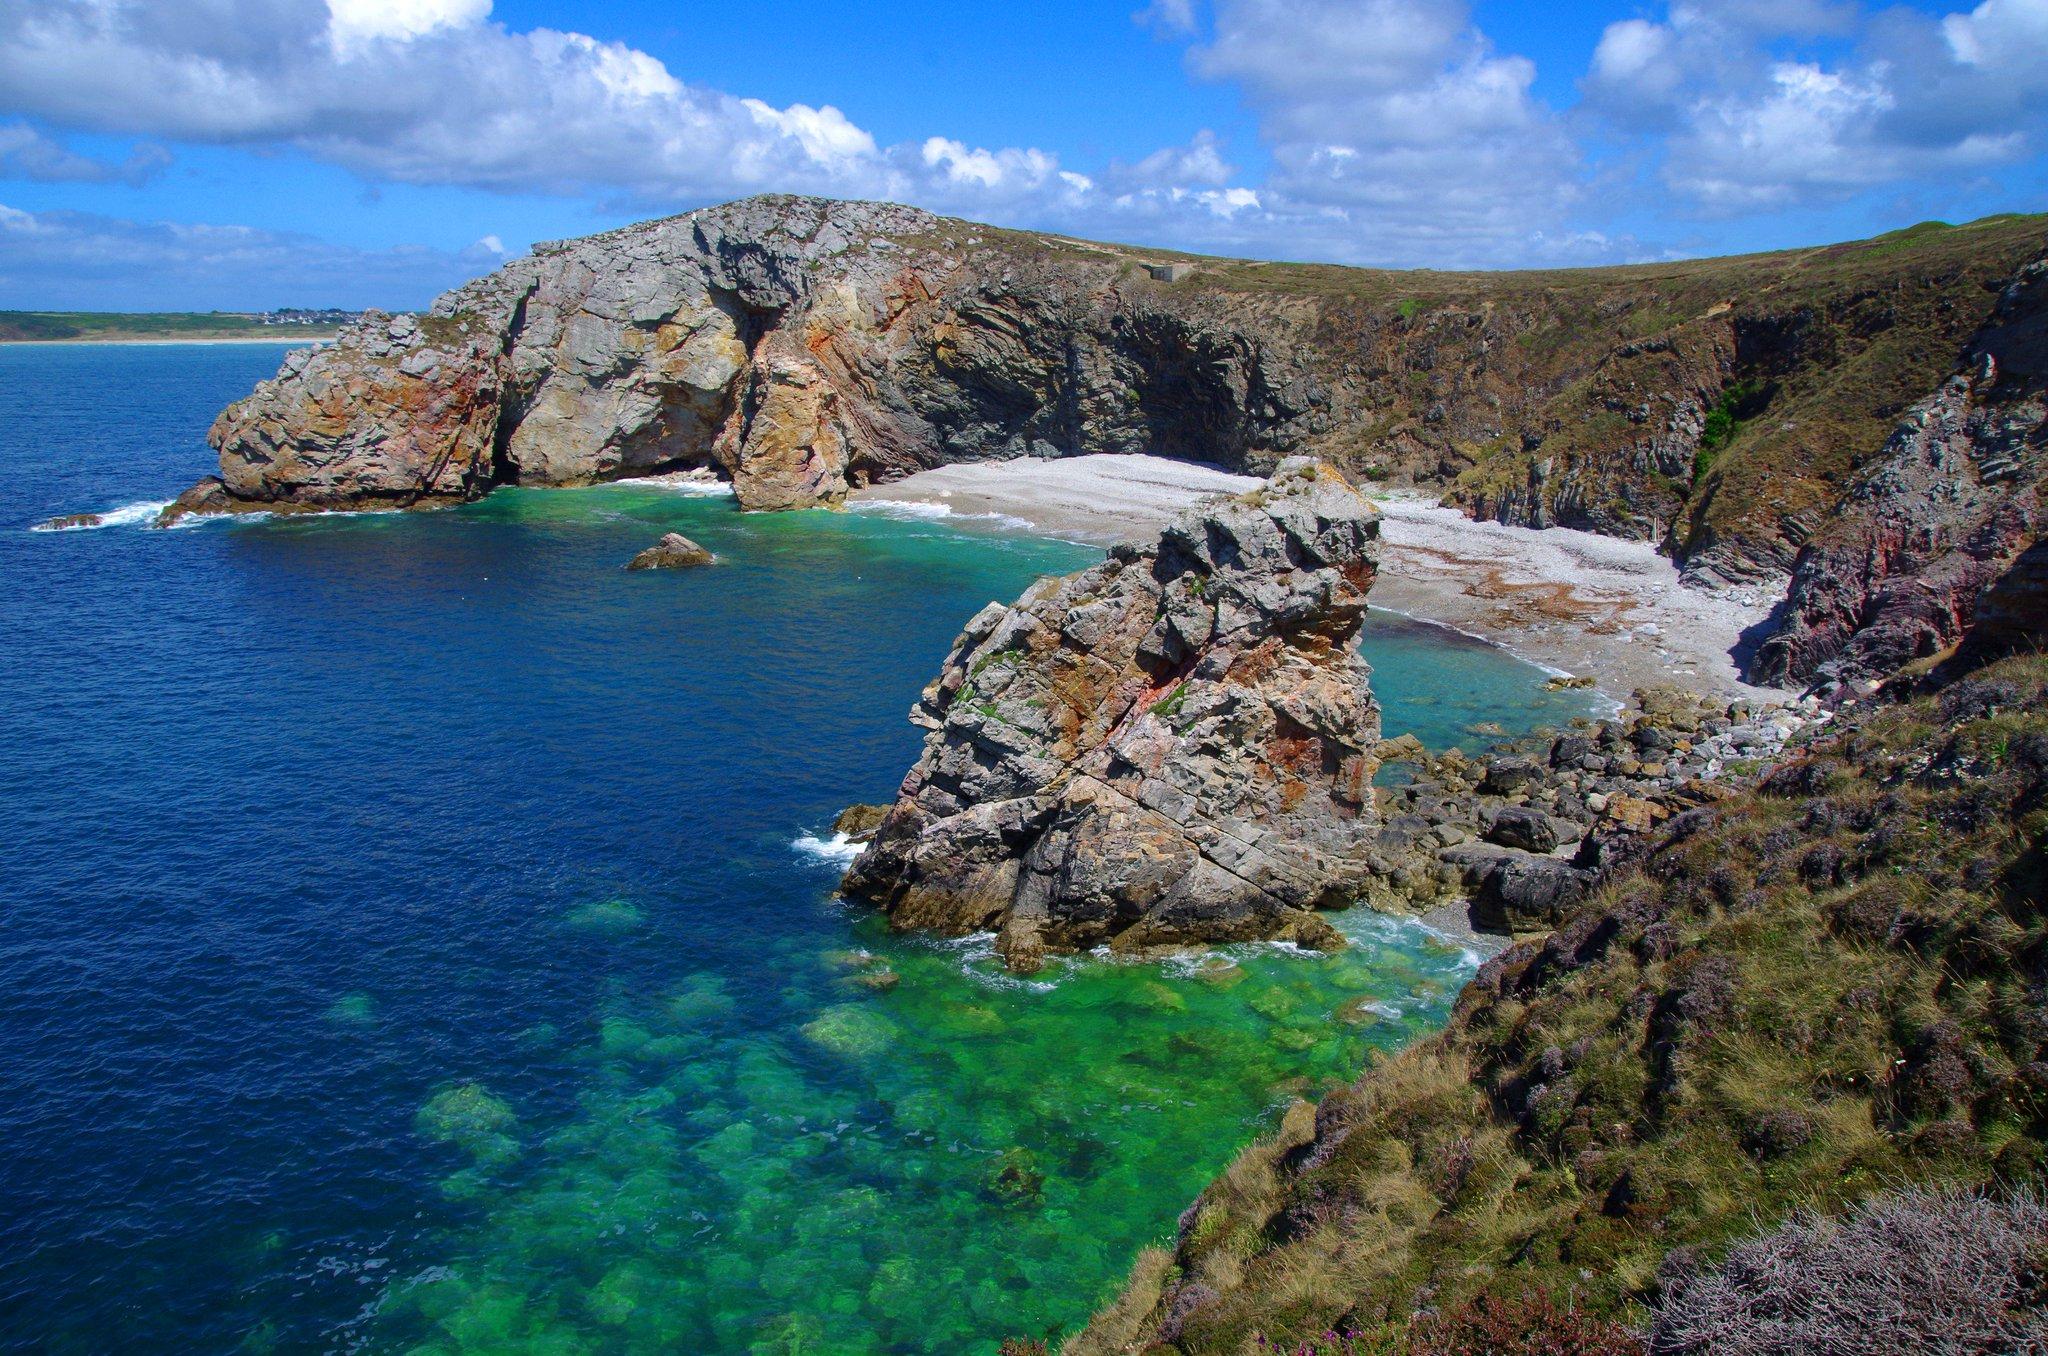 Un air de bout du monde : La Presqu'île de #Crozon #Finistère #Bretagne @Finistere360 @FansBretagne @Toutcommence29 https://t.co/HsZ8Qf36mQ